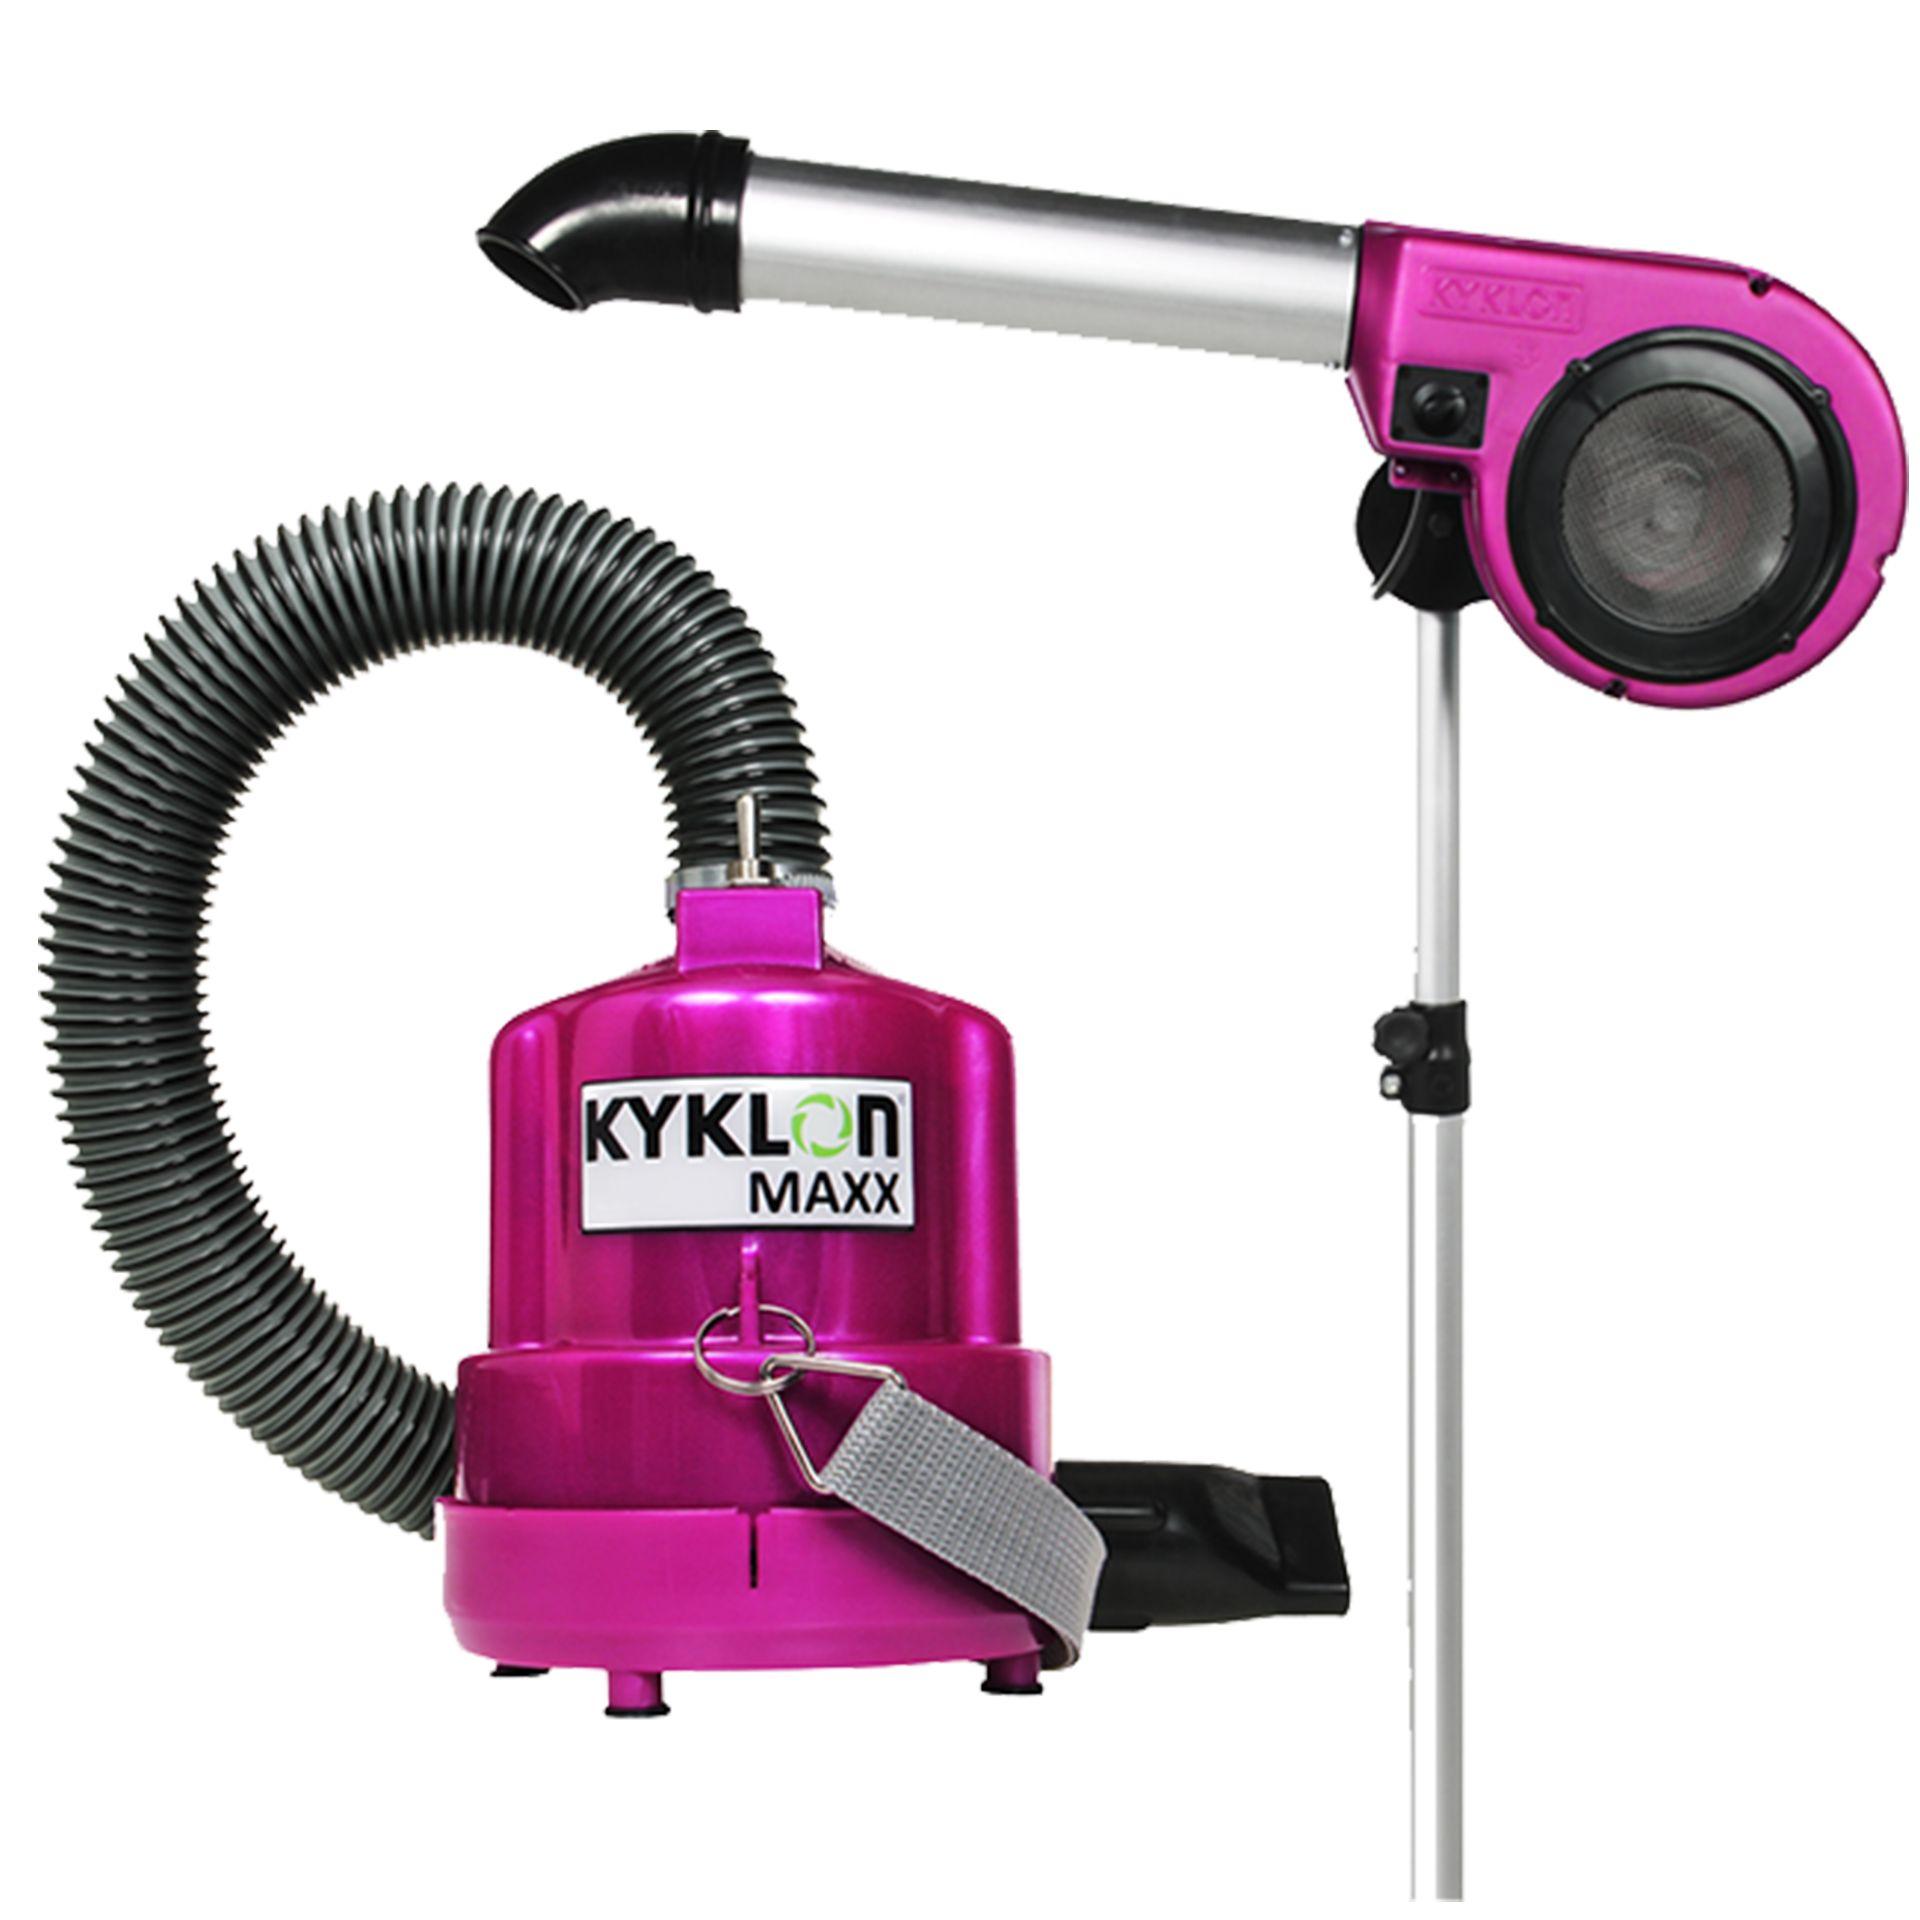 Secador Kyklon 5000 Pink + Soprador Maxx Pink